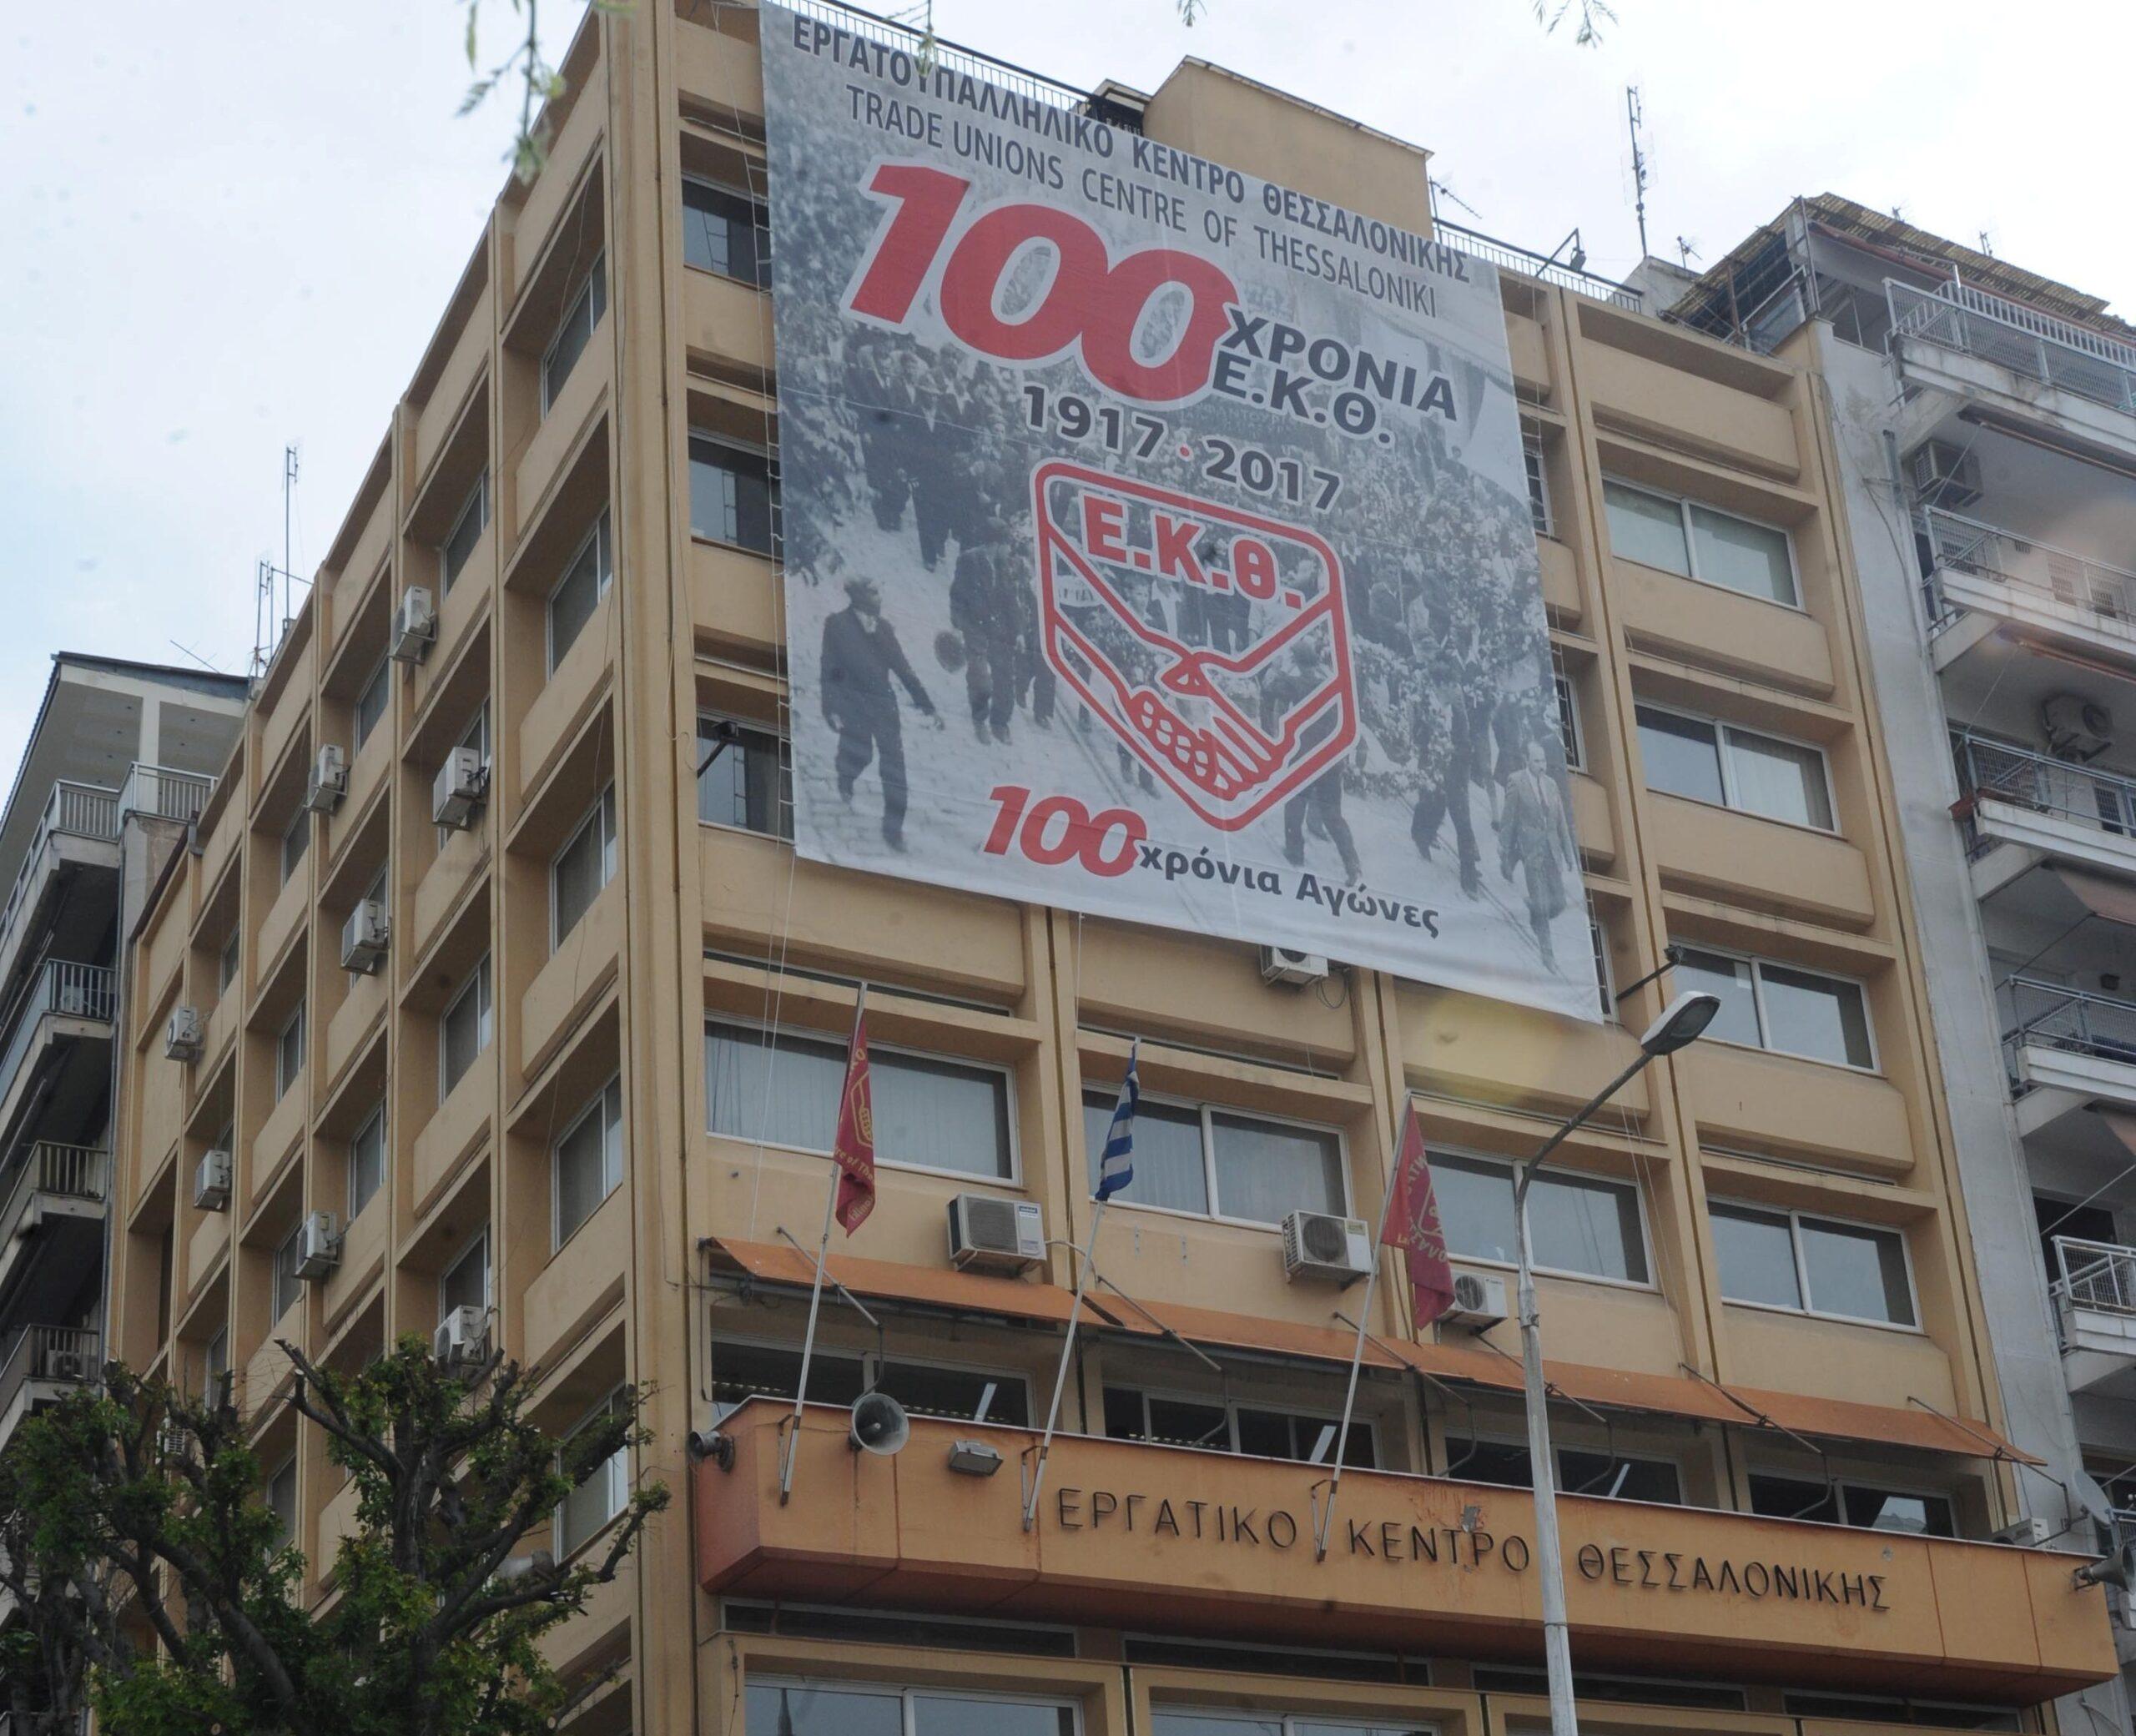 Το ΕΚΘ για την ακύρωση του συνεδρίου της Πανελλήνιας Ομοσπονδίας Εργαζομένων στο Μέταλλο (ΠΟΕΜ)